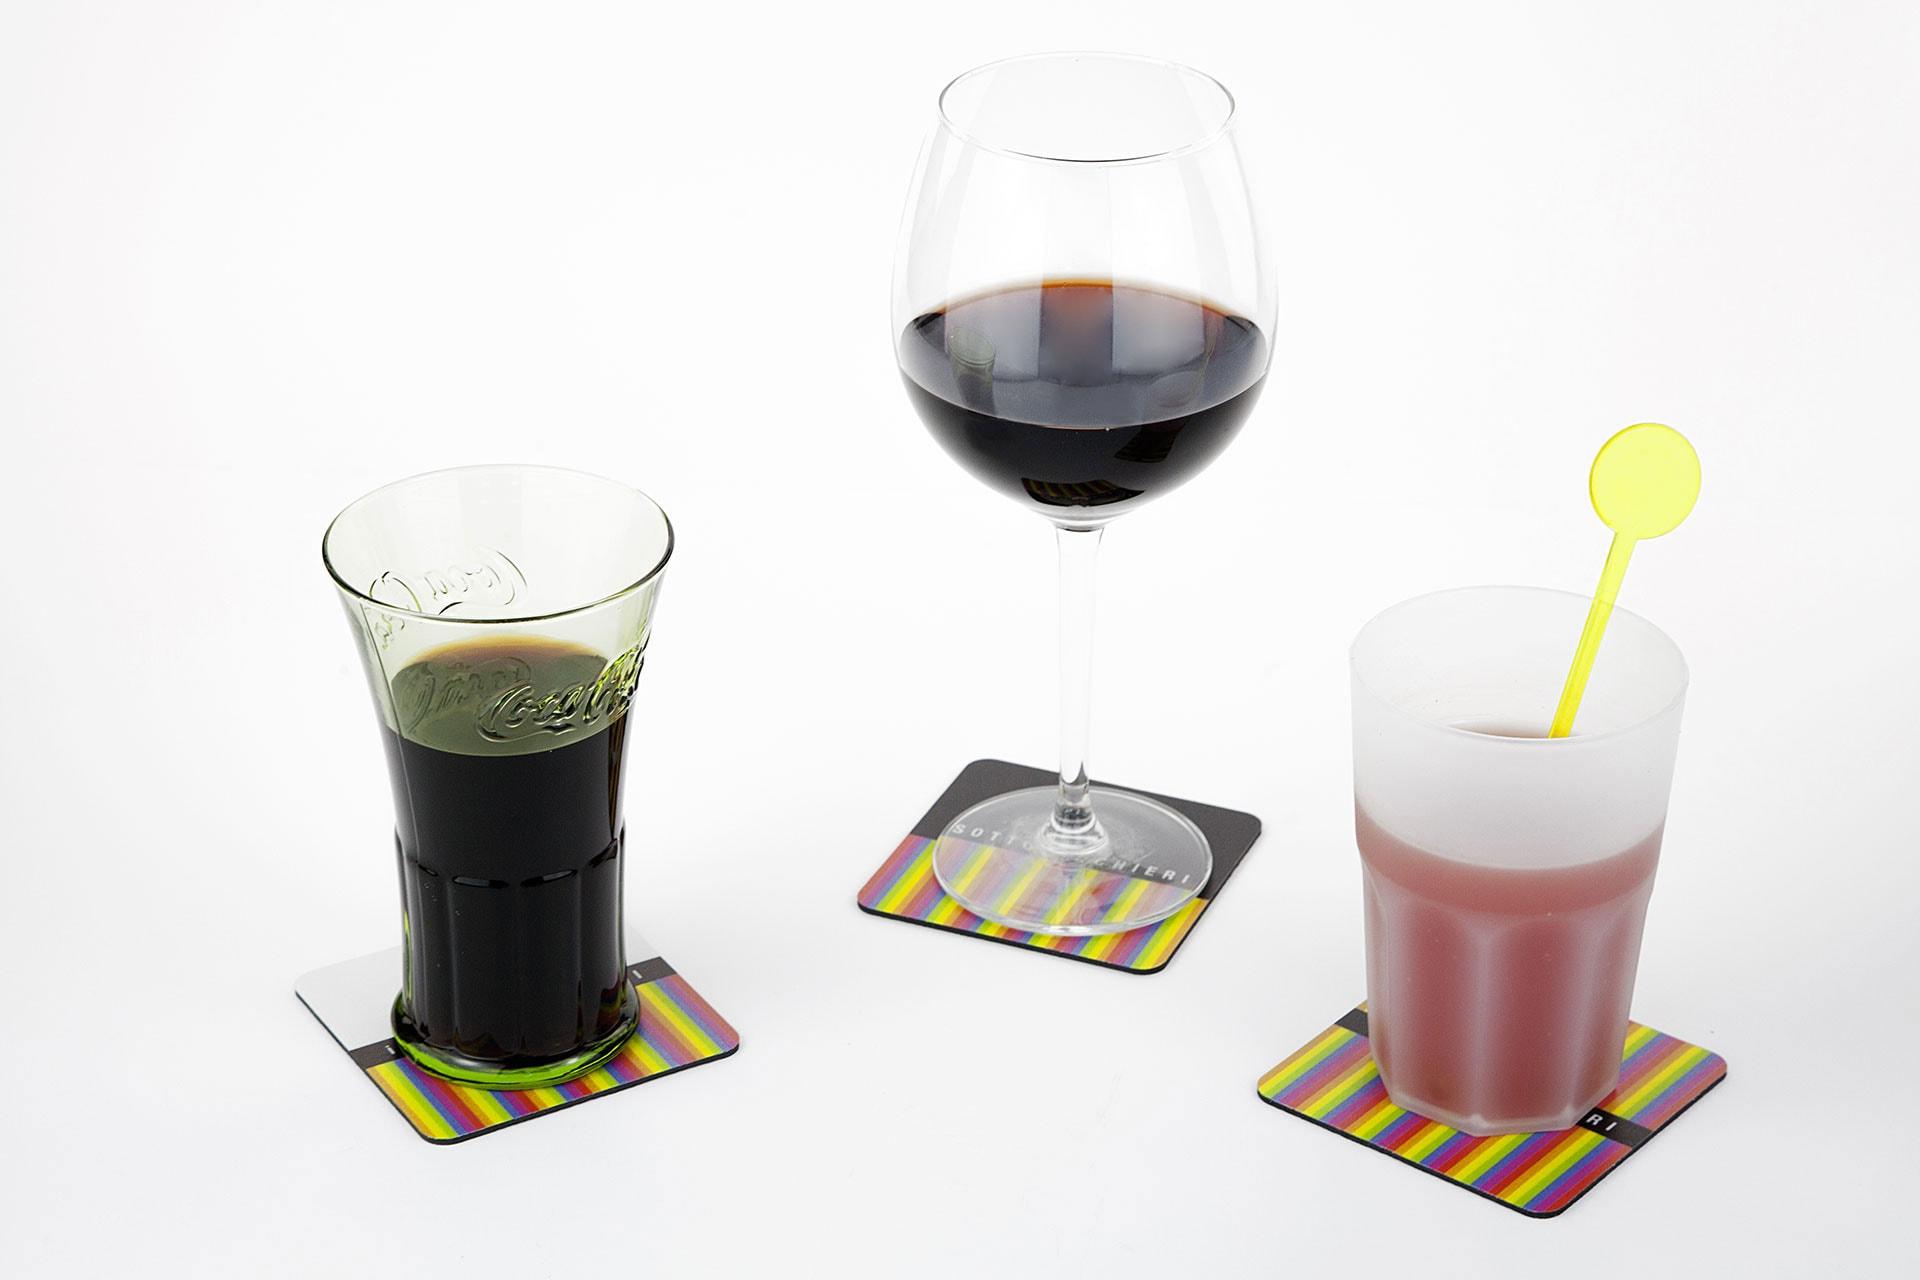 Sottobicchieri Pvc personalizzati per birra vino bibite